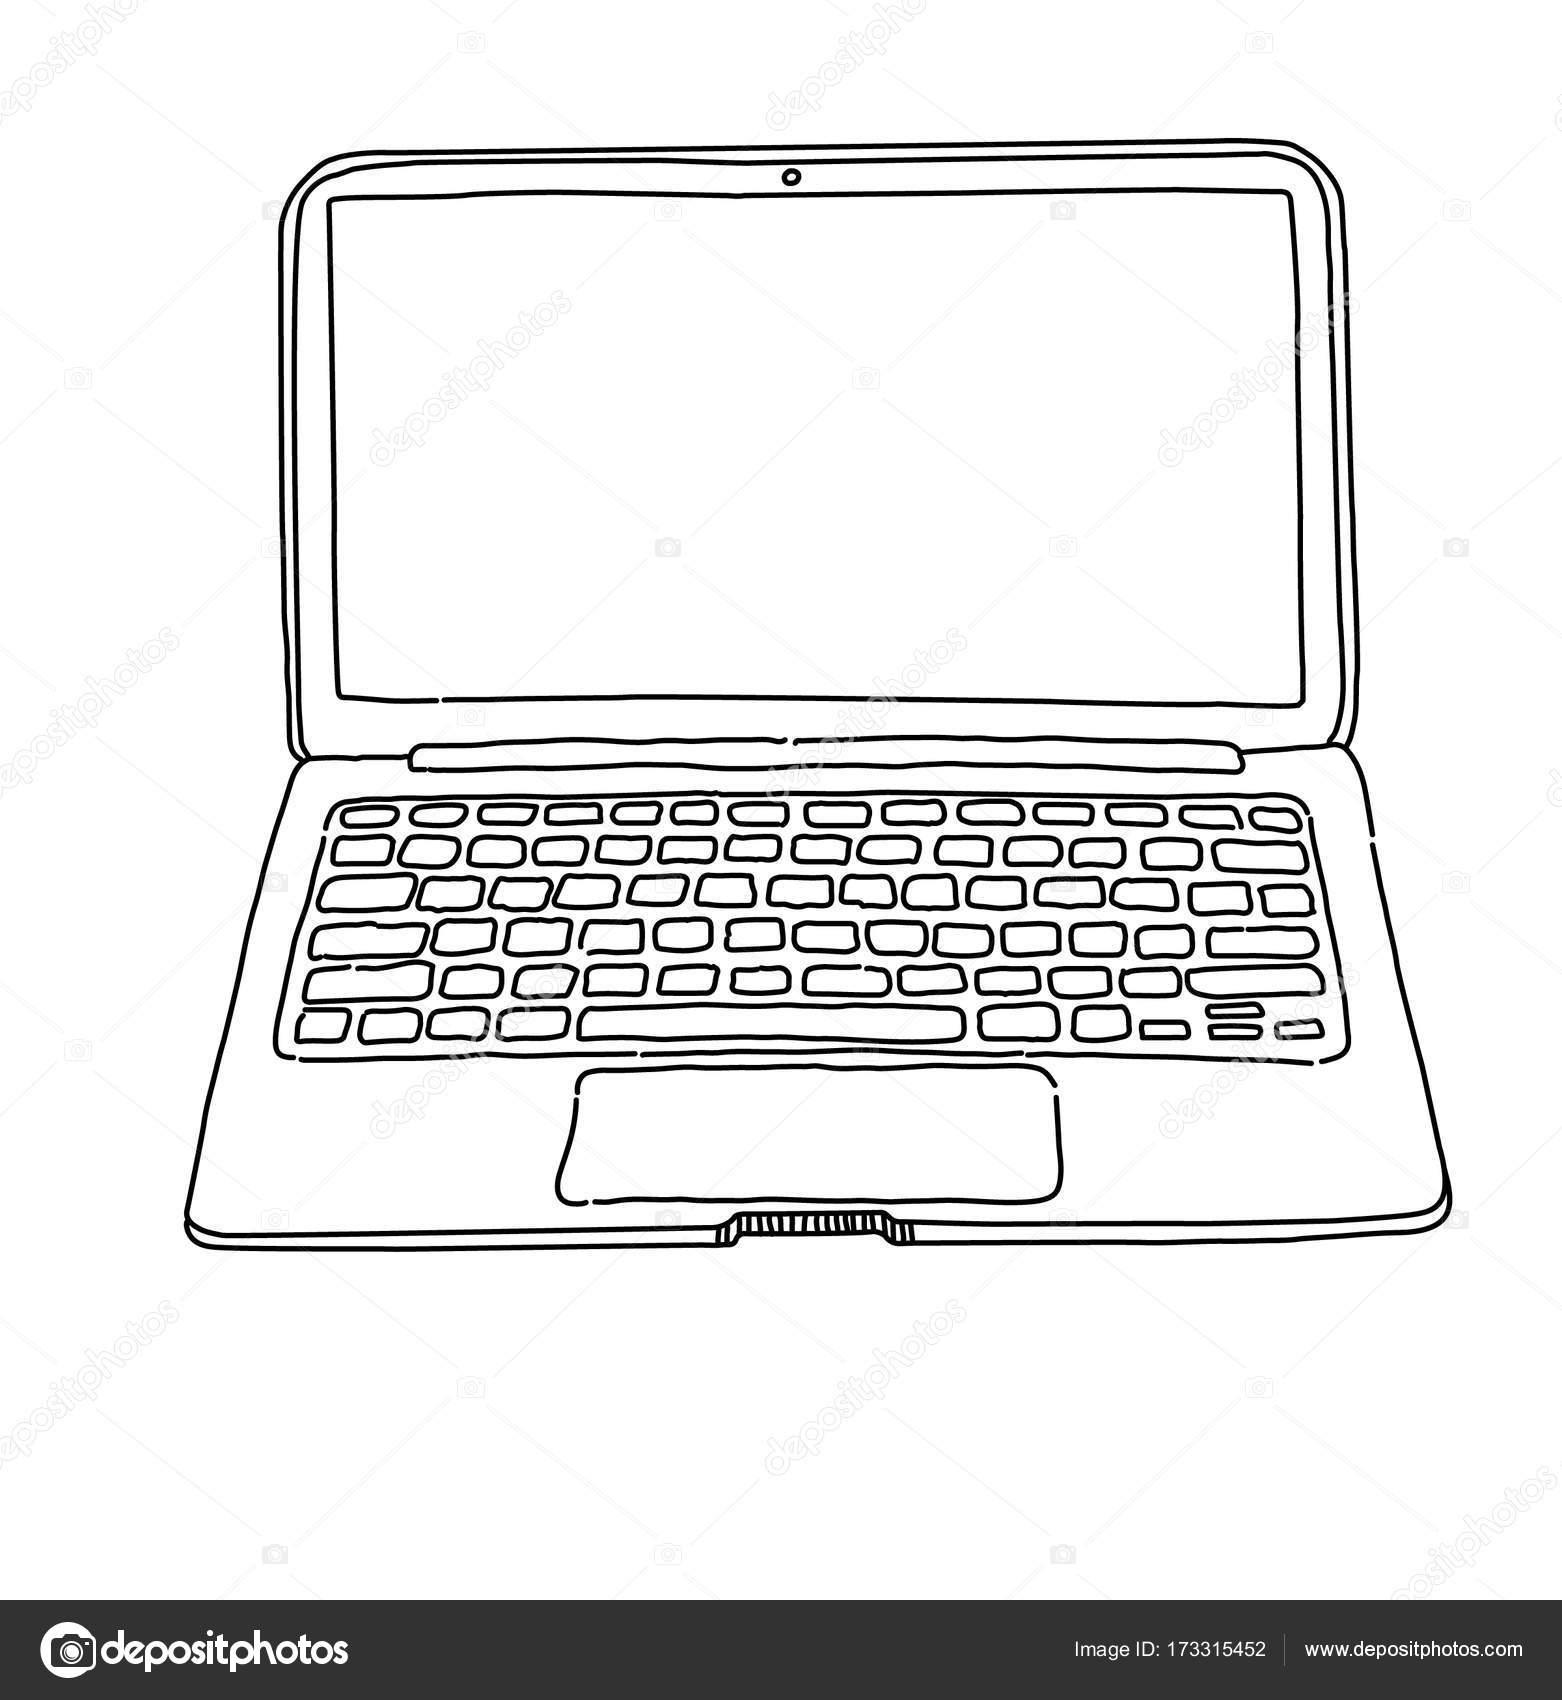 Sketch of laptop — Stock Vector © nasstep #173315452